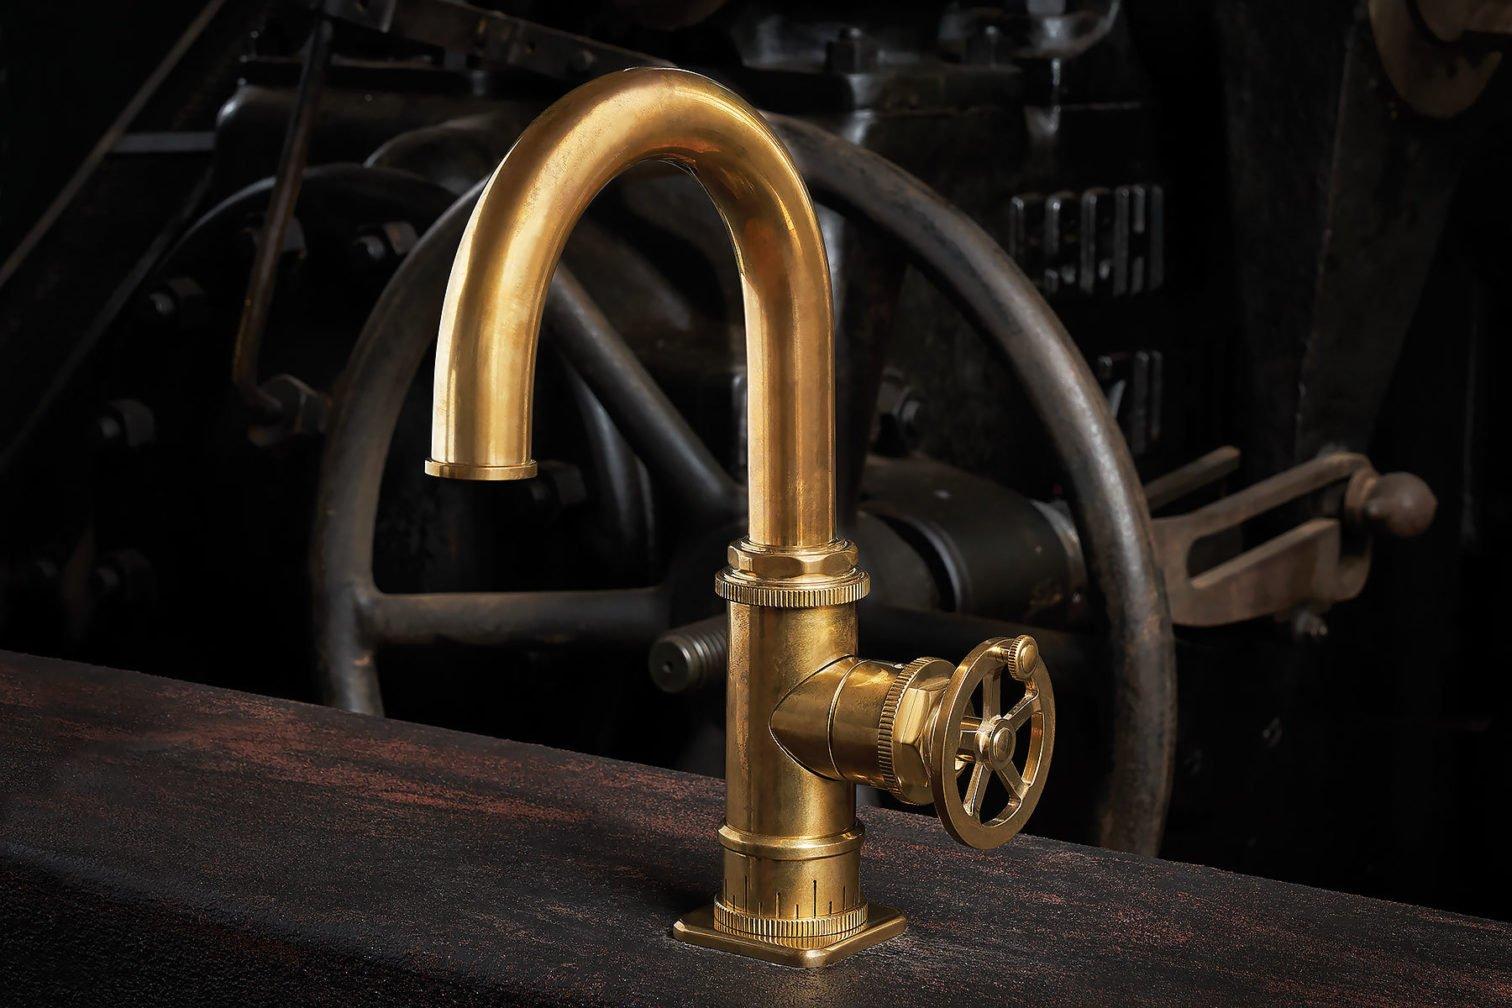 CF Steampunk Bay 8609 W BBU horizontal